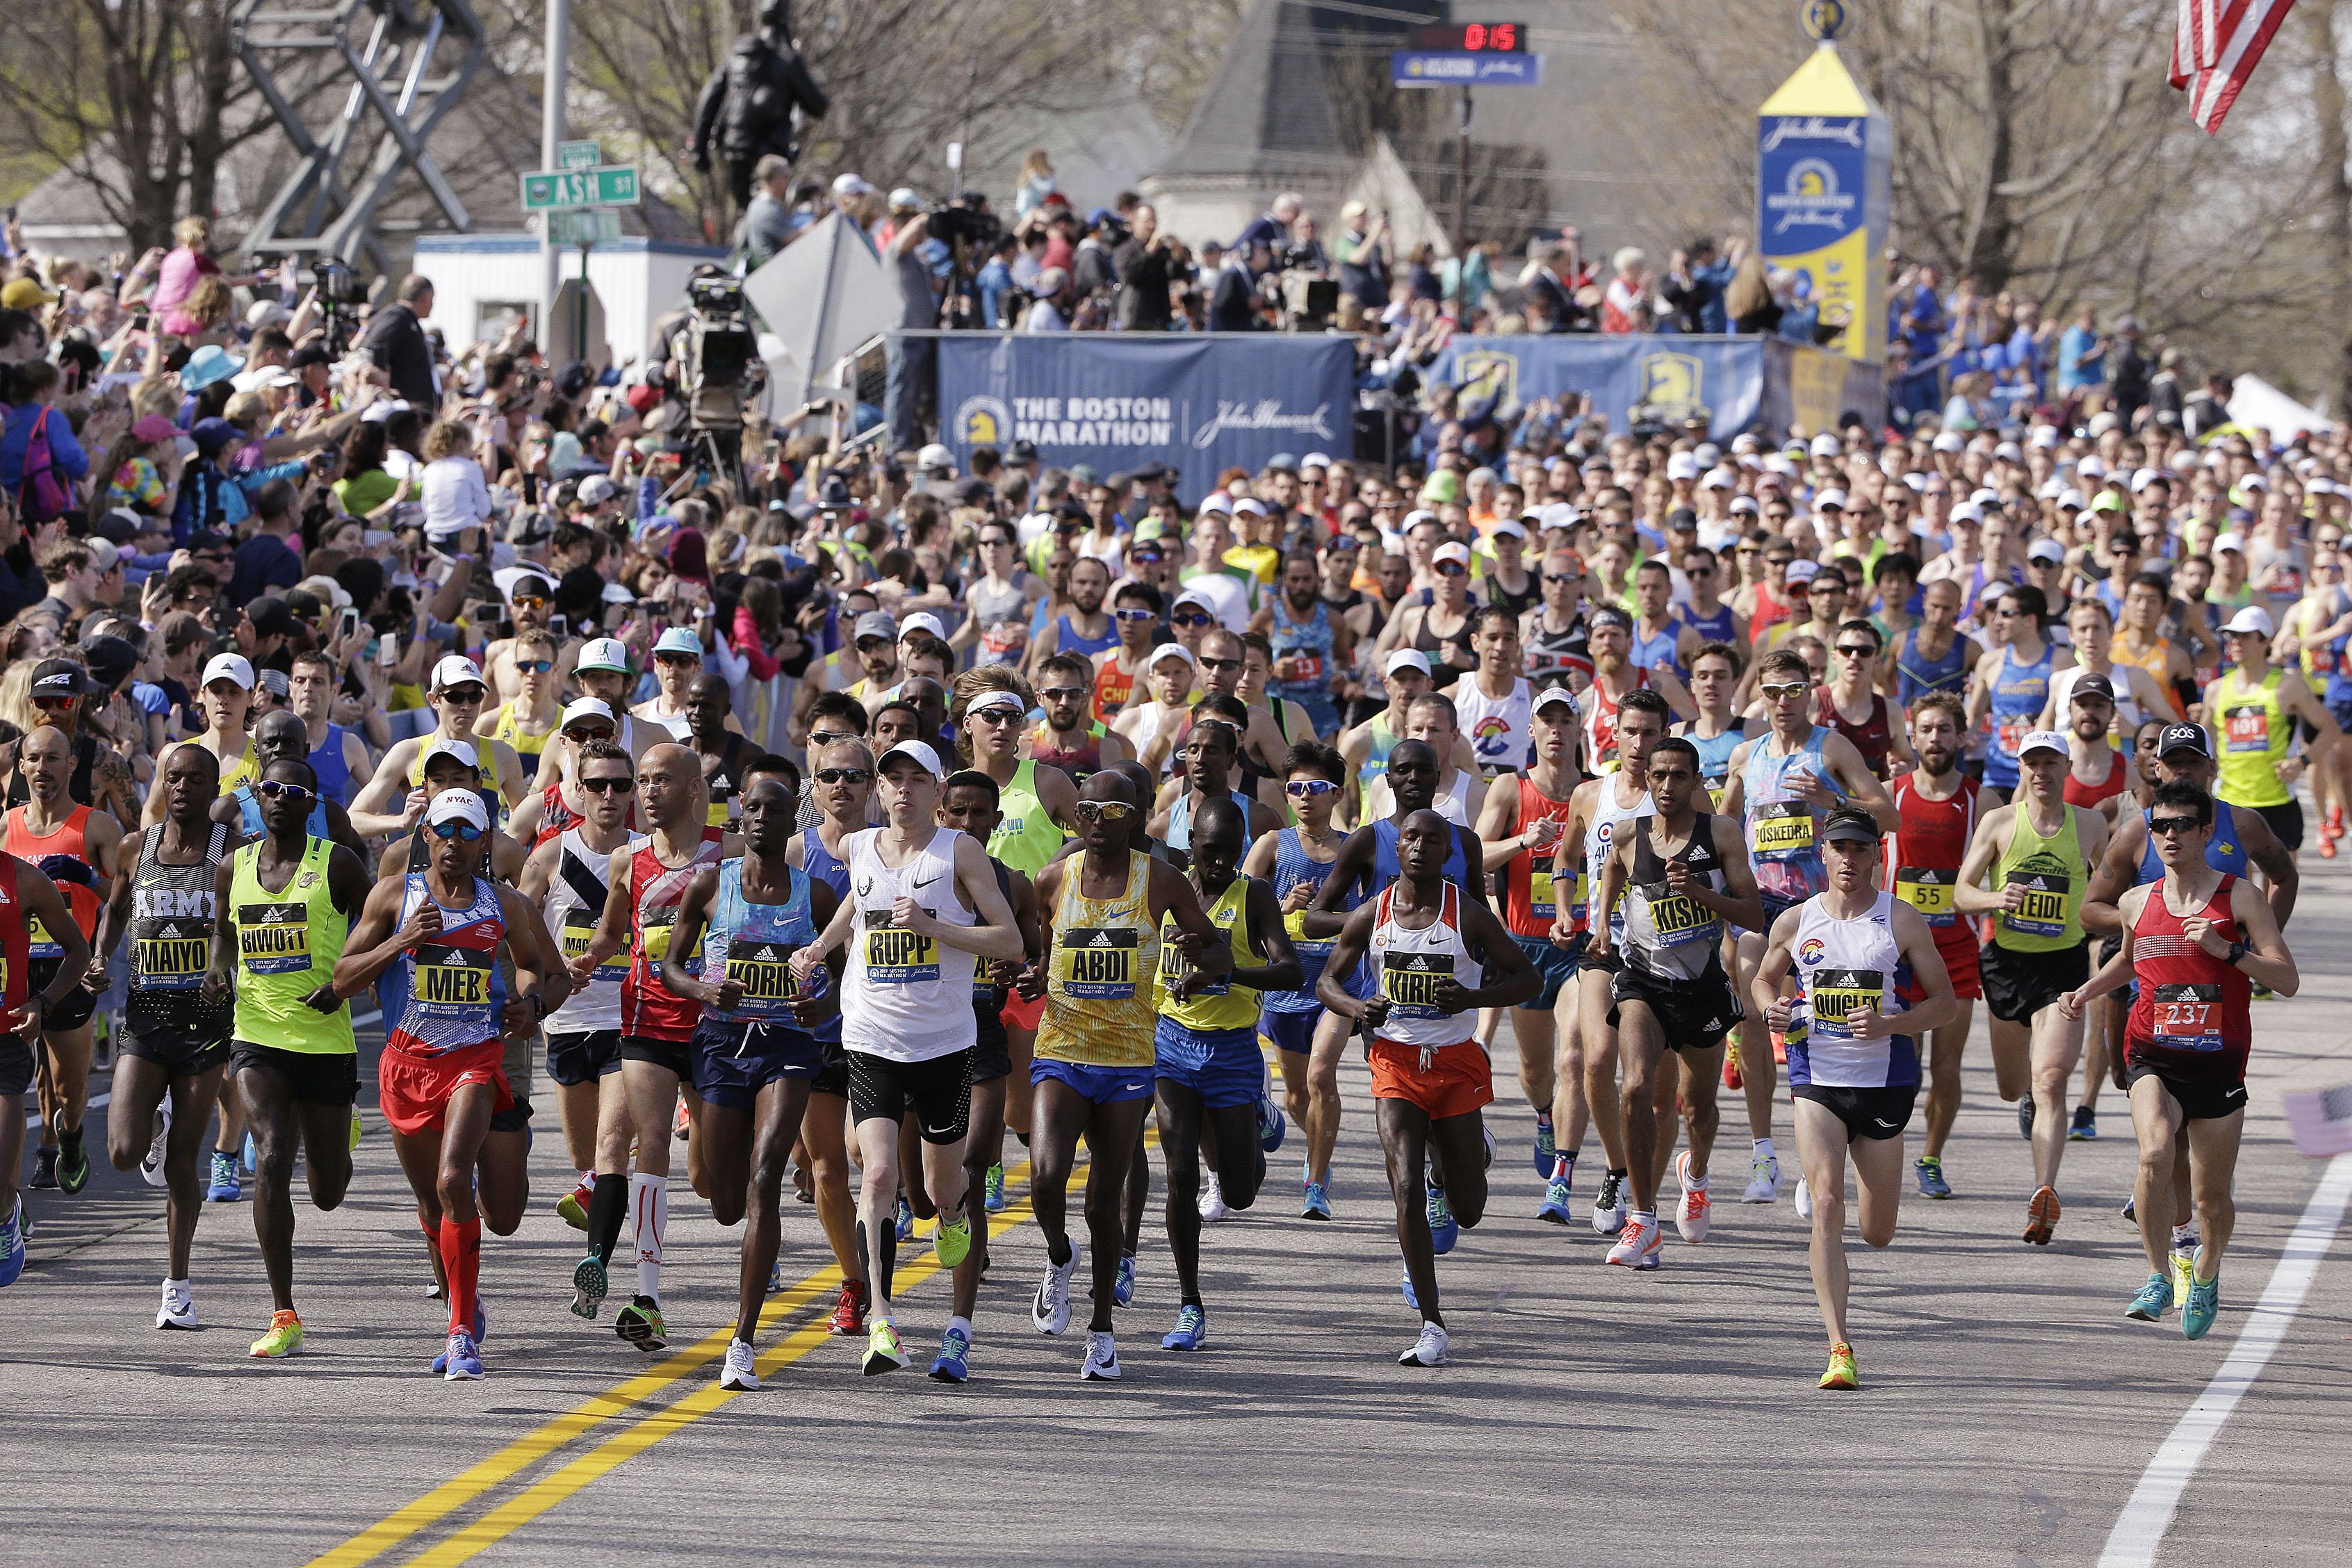 maraton boston tiempos calificacion entrenamiento